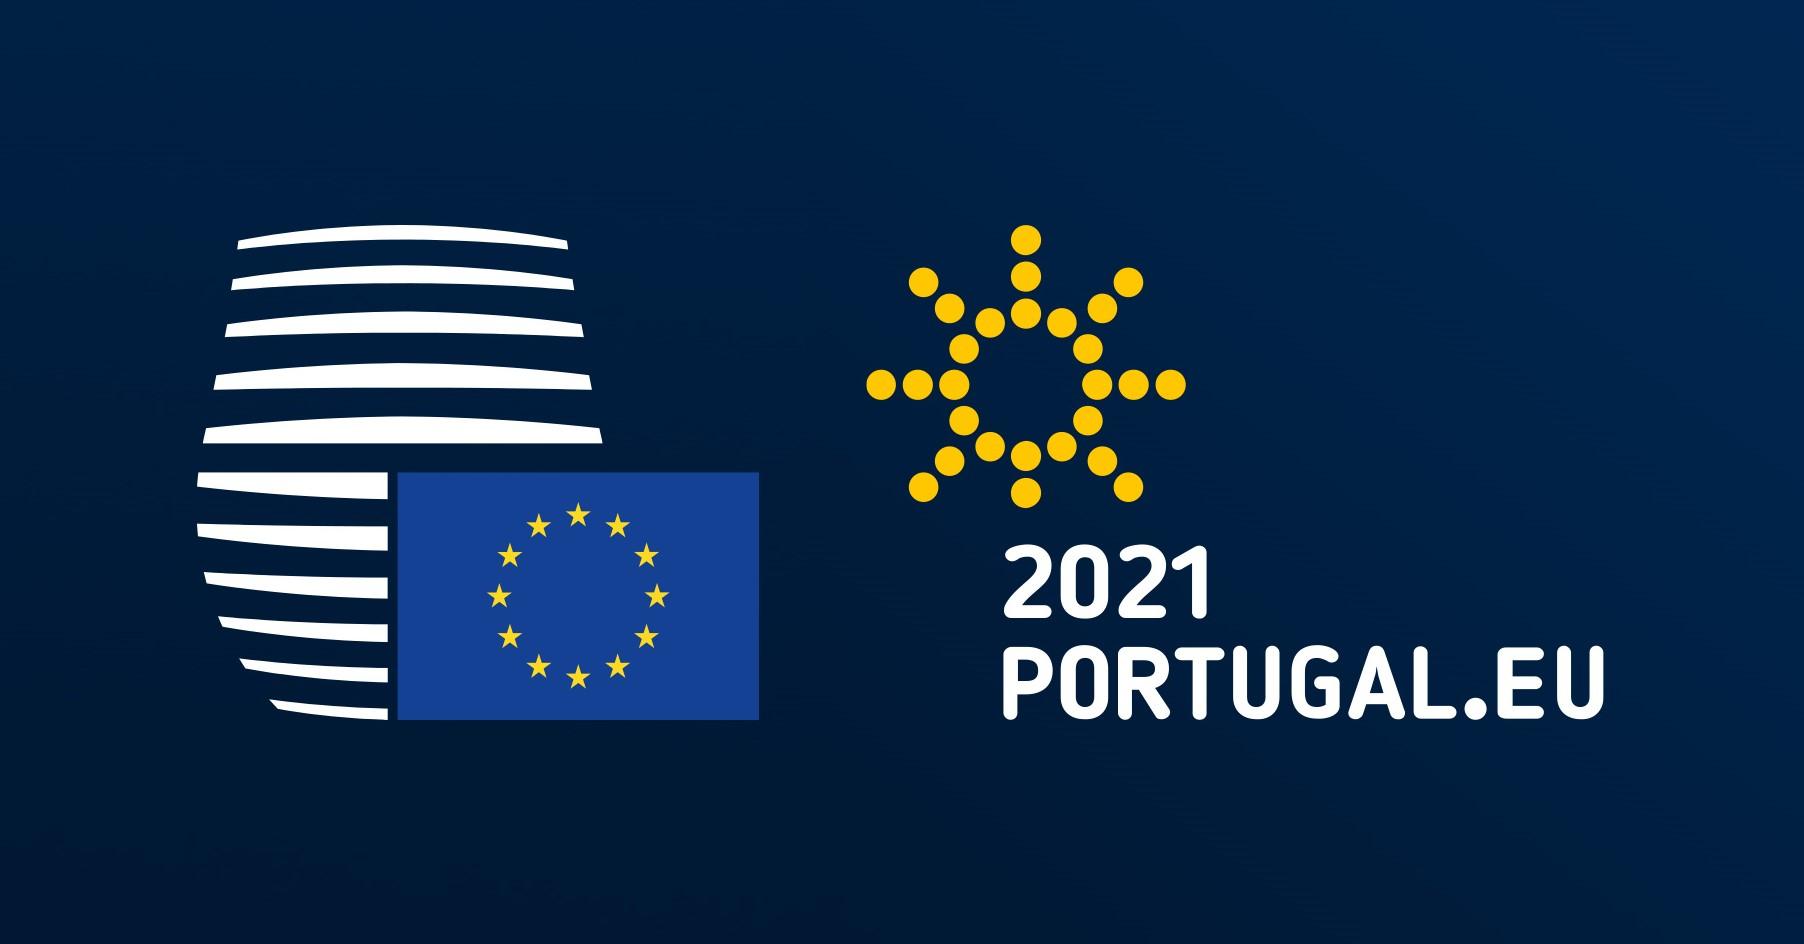 Imagem insitucional que assinala a presidência do Conselho Europeu por Portugal